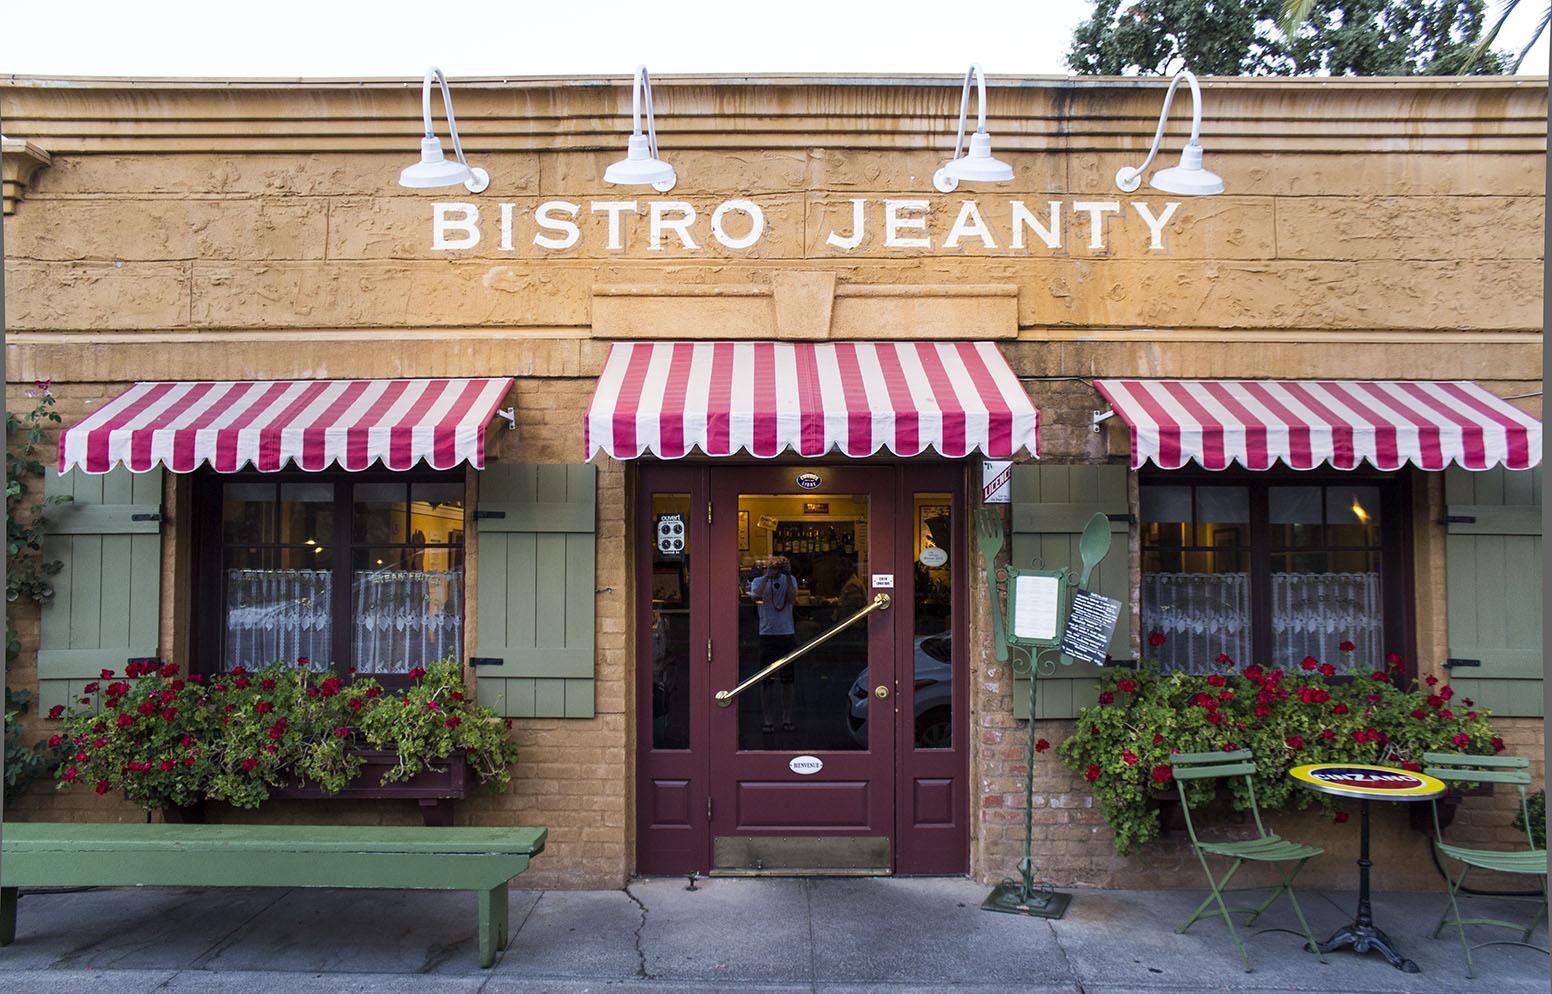 Bistro Jeanty